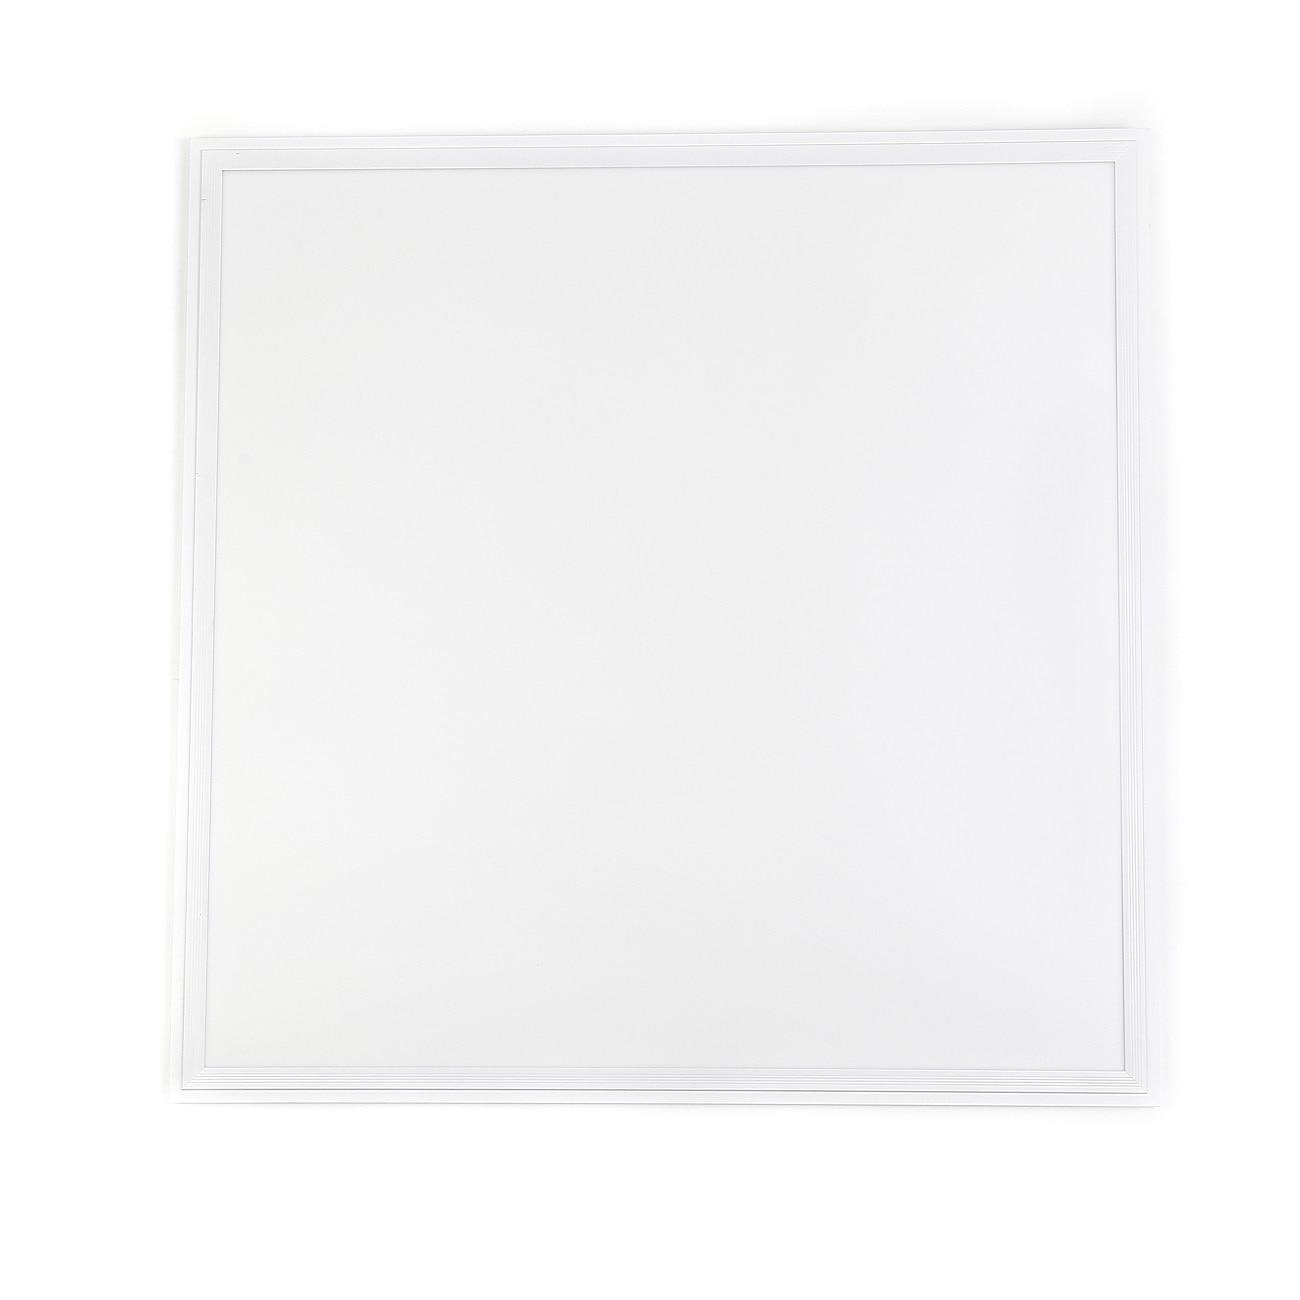 Аксессуары для LED панелей - Рамка для панели GALAKSI 000001425 - Фото 2